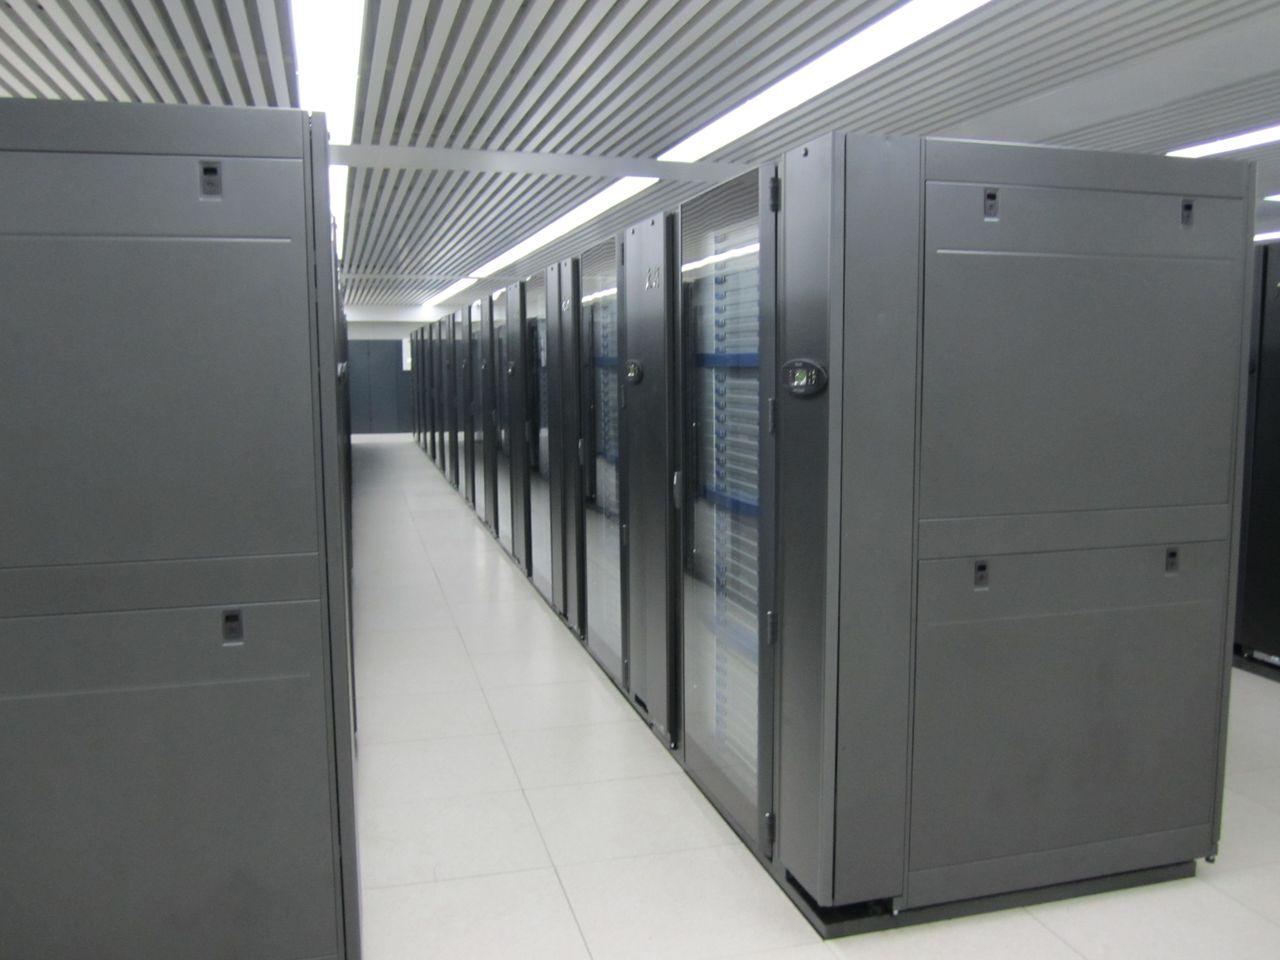 Tianhe-1A, cel mai rapid supercomputer din lume